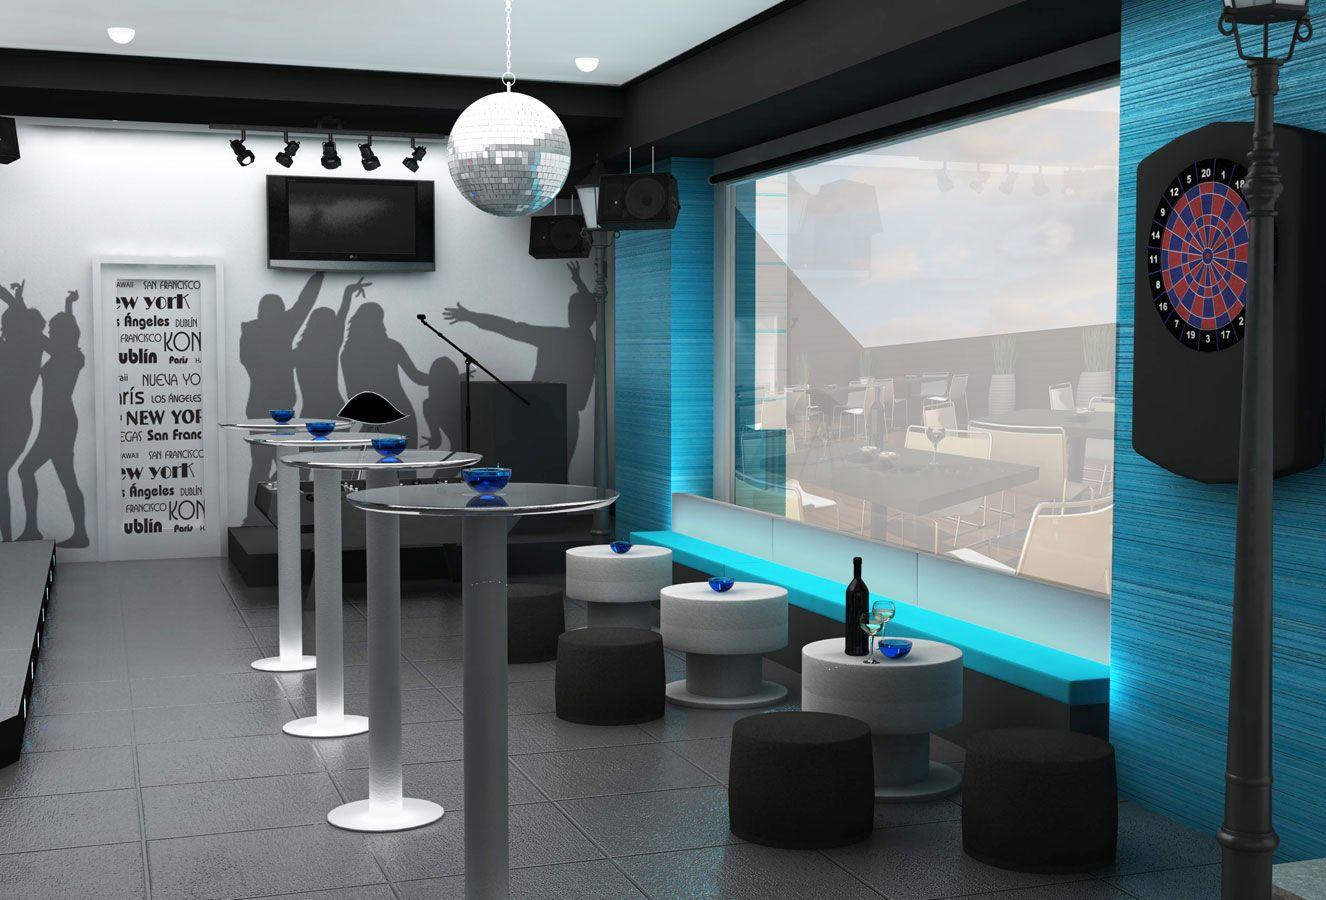 Proyecto de interiorismo bar de copas 120 m2 madrid - Interiorismo en madrid ...